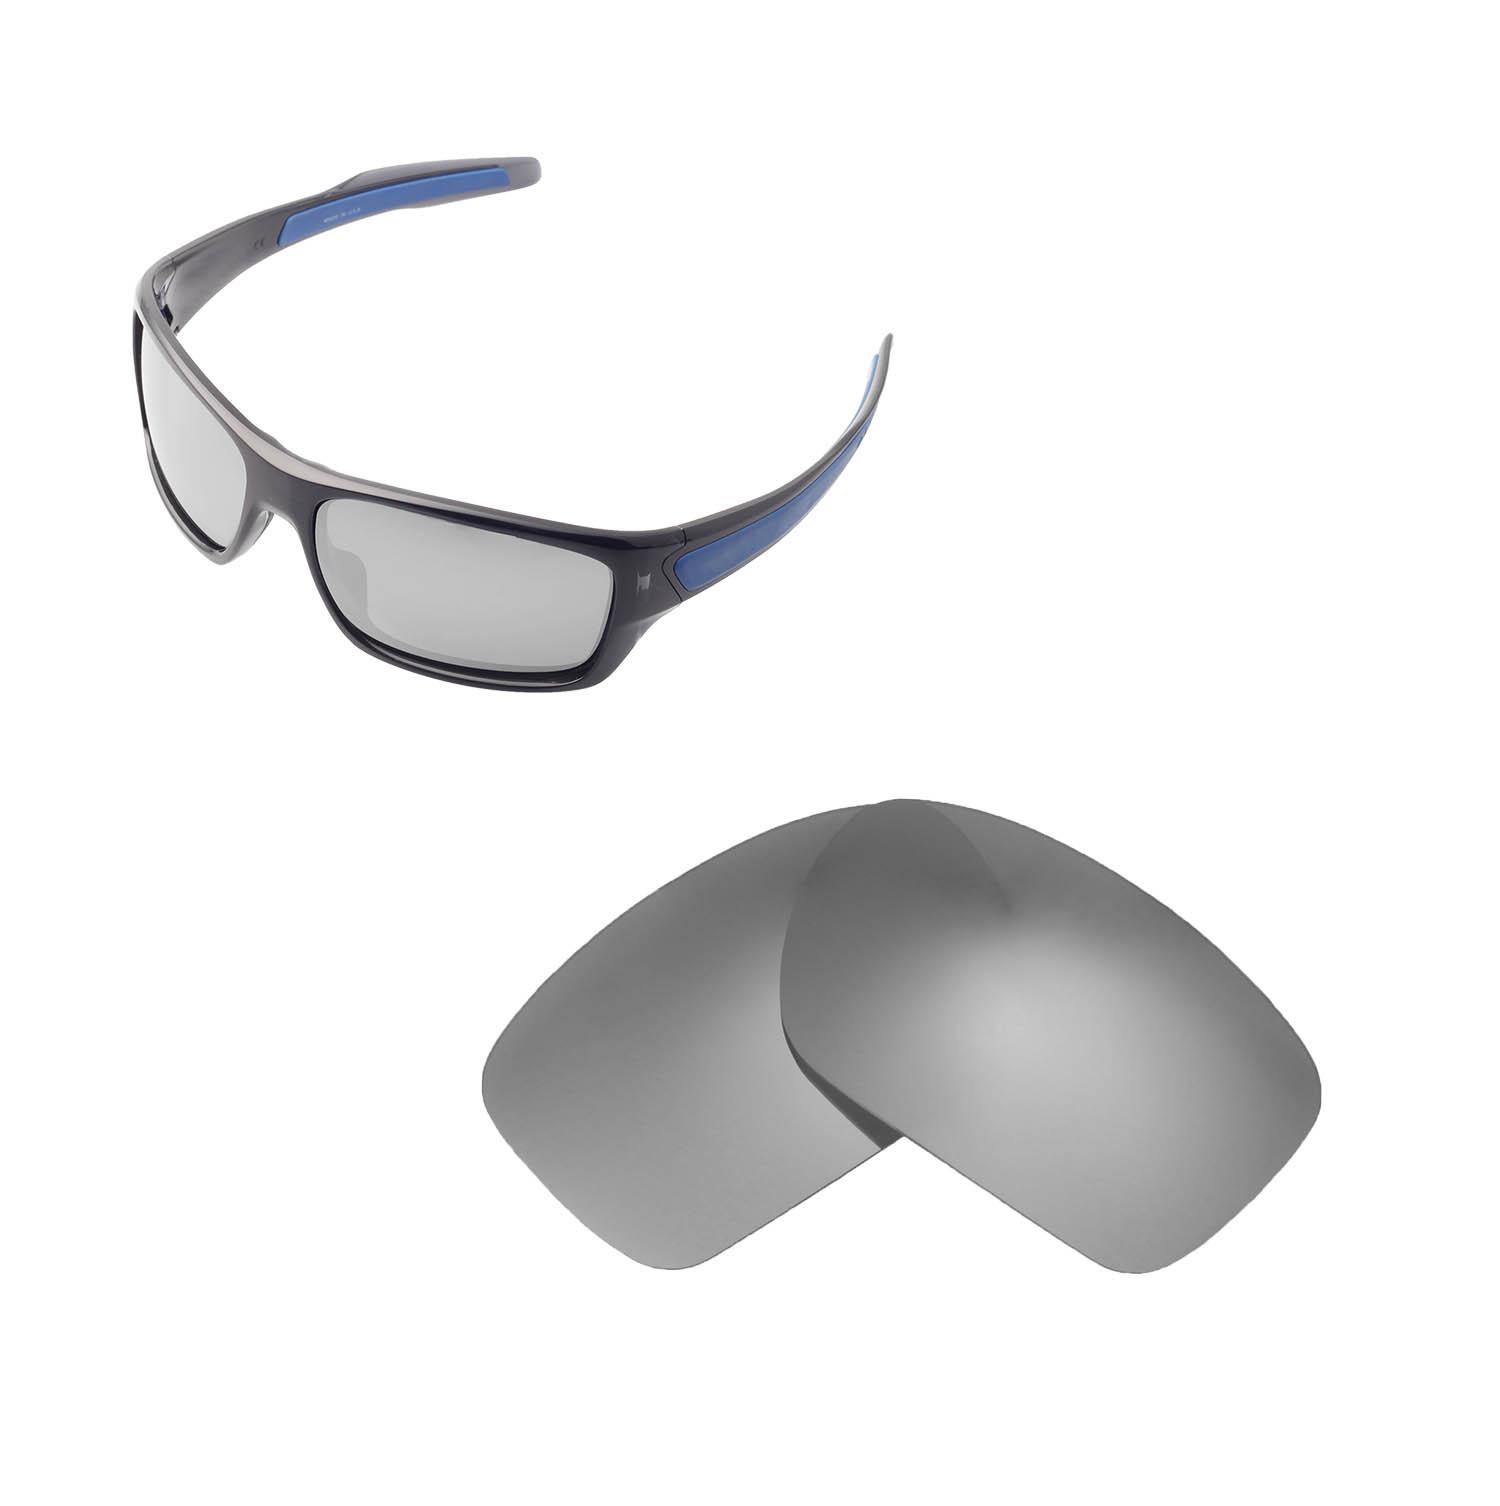 0a811edb55148 Detalhes sobre Lentes Walleva polarizadas titânio lentes De Reposição Para  Óculos De Sol Oakley Turbine- mostrar título no original